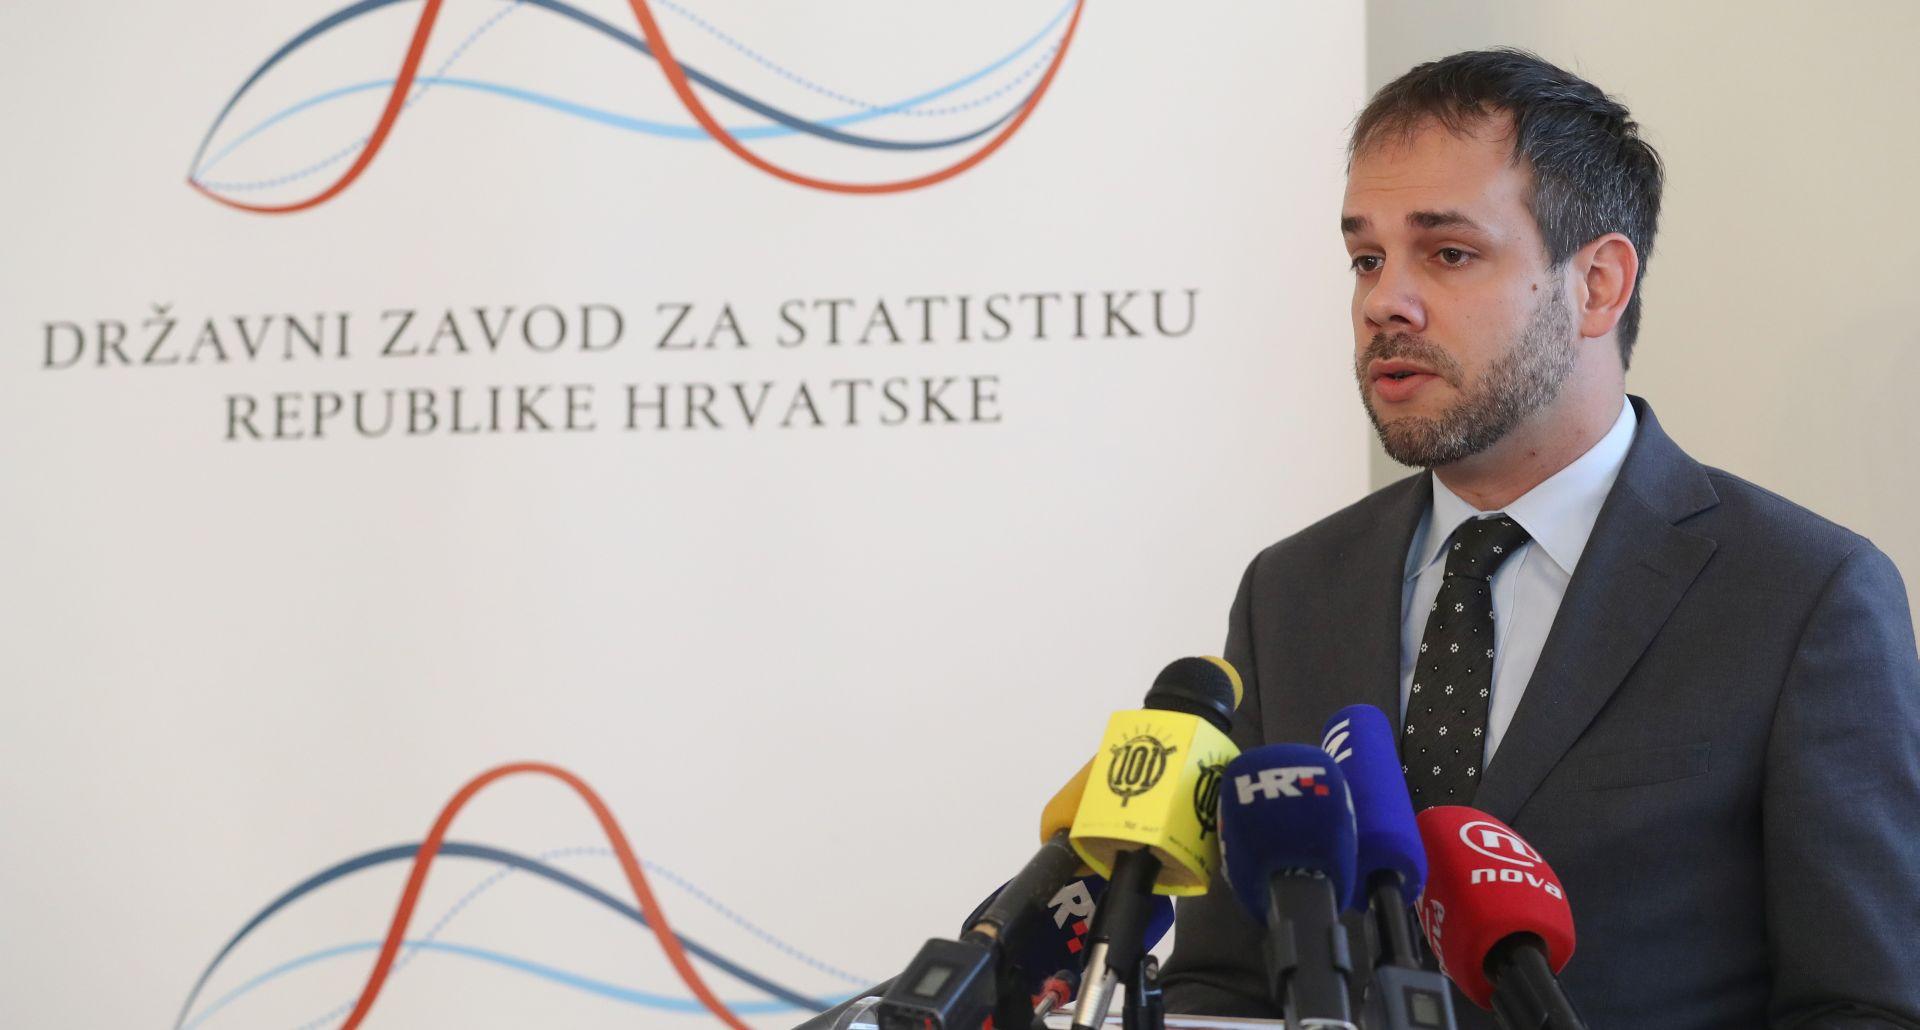 MARKO KRIŠTOF 'Rast hrvatskog gospodarstva veći od prosjeka u EU'